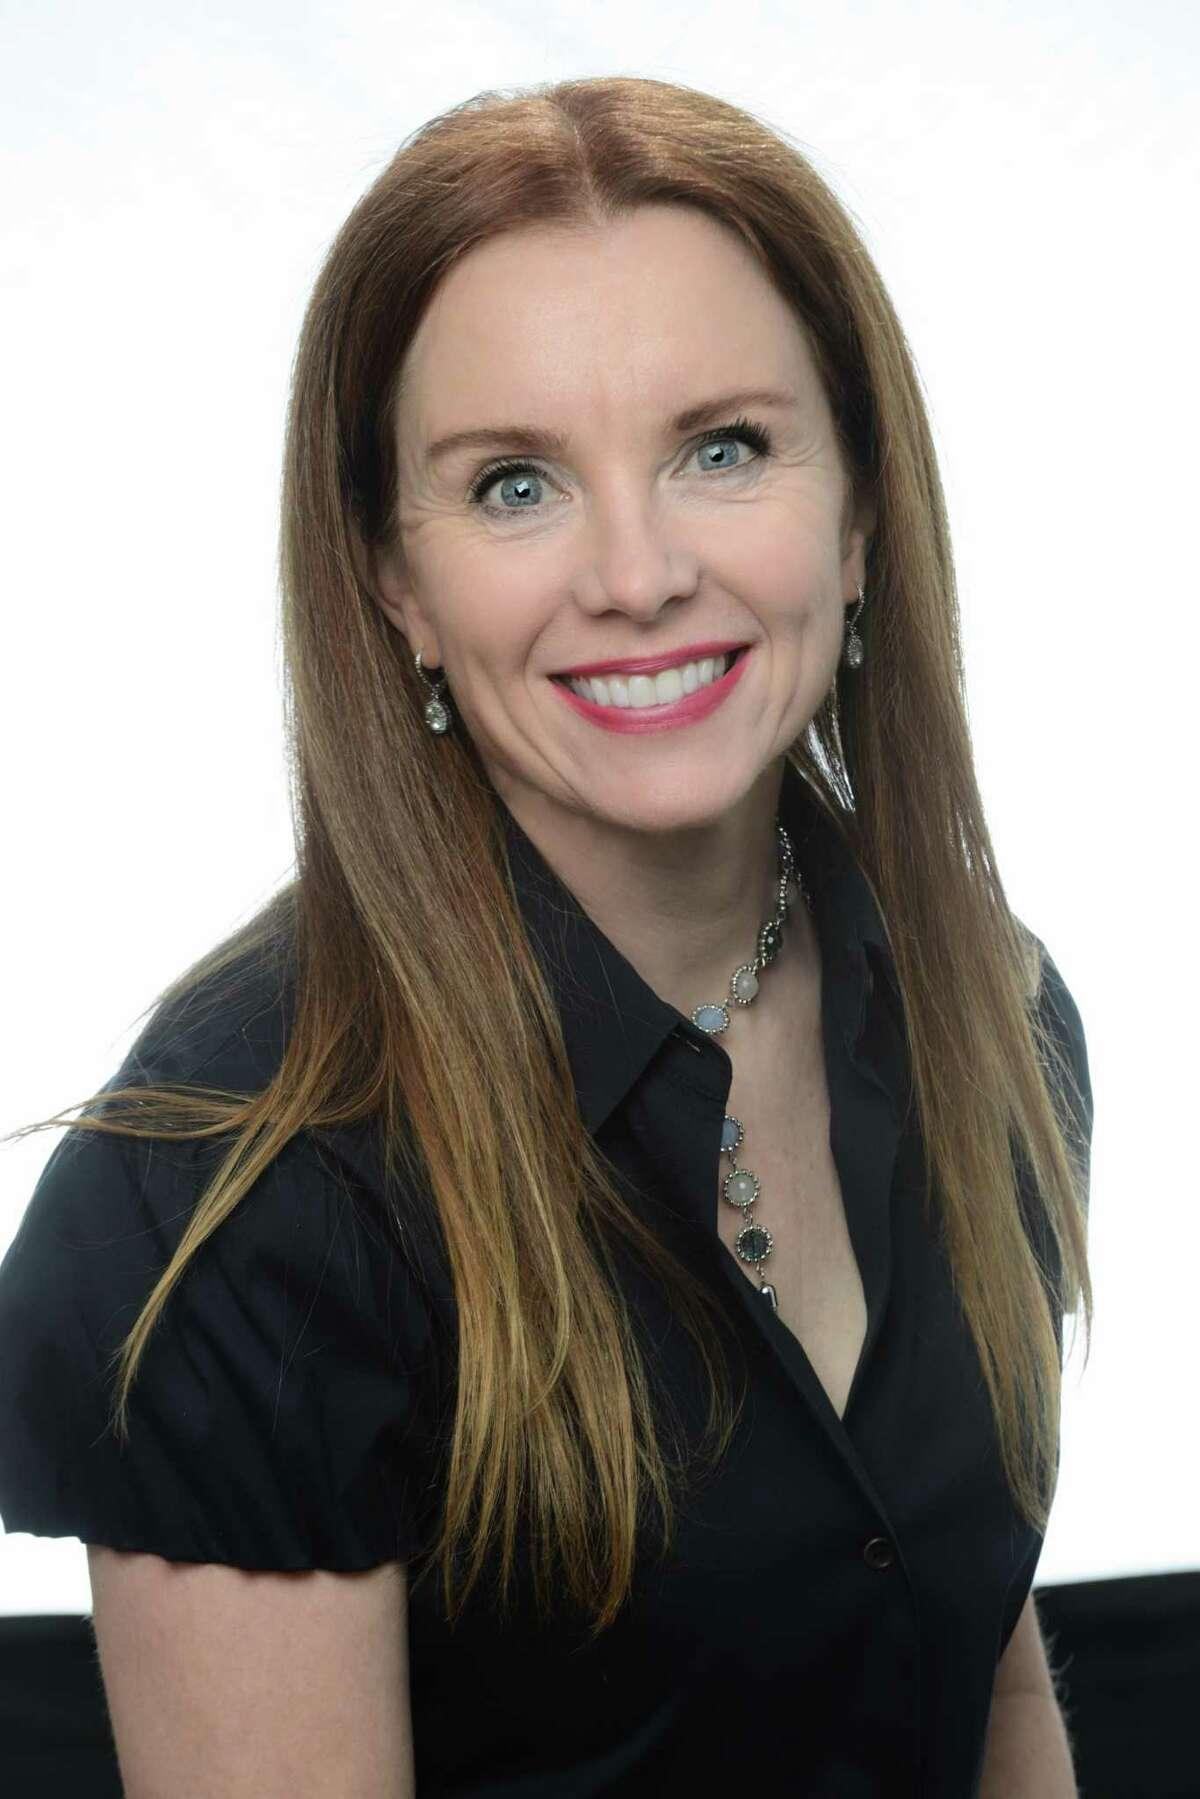 Trish Clark